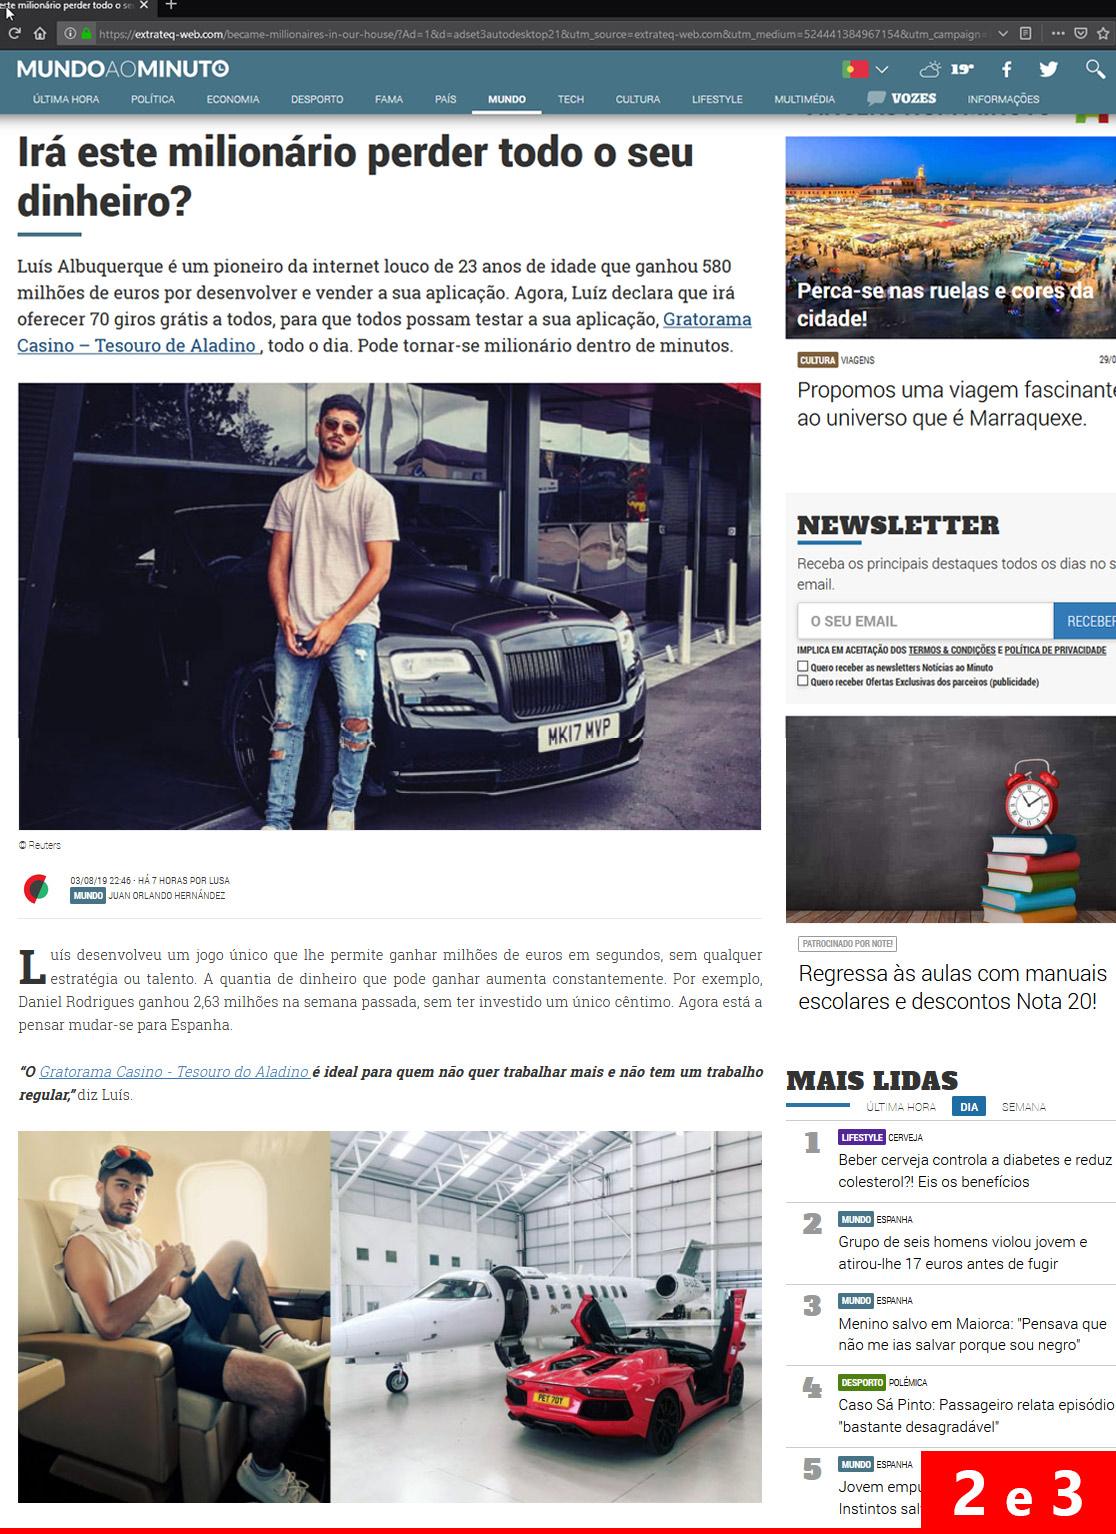 Página de captura do anúncio 2 e 3 do esquema